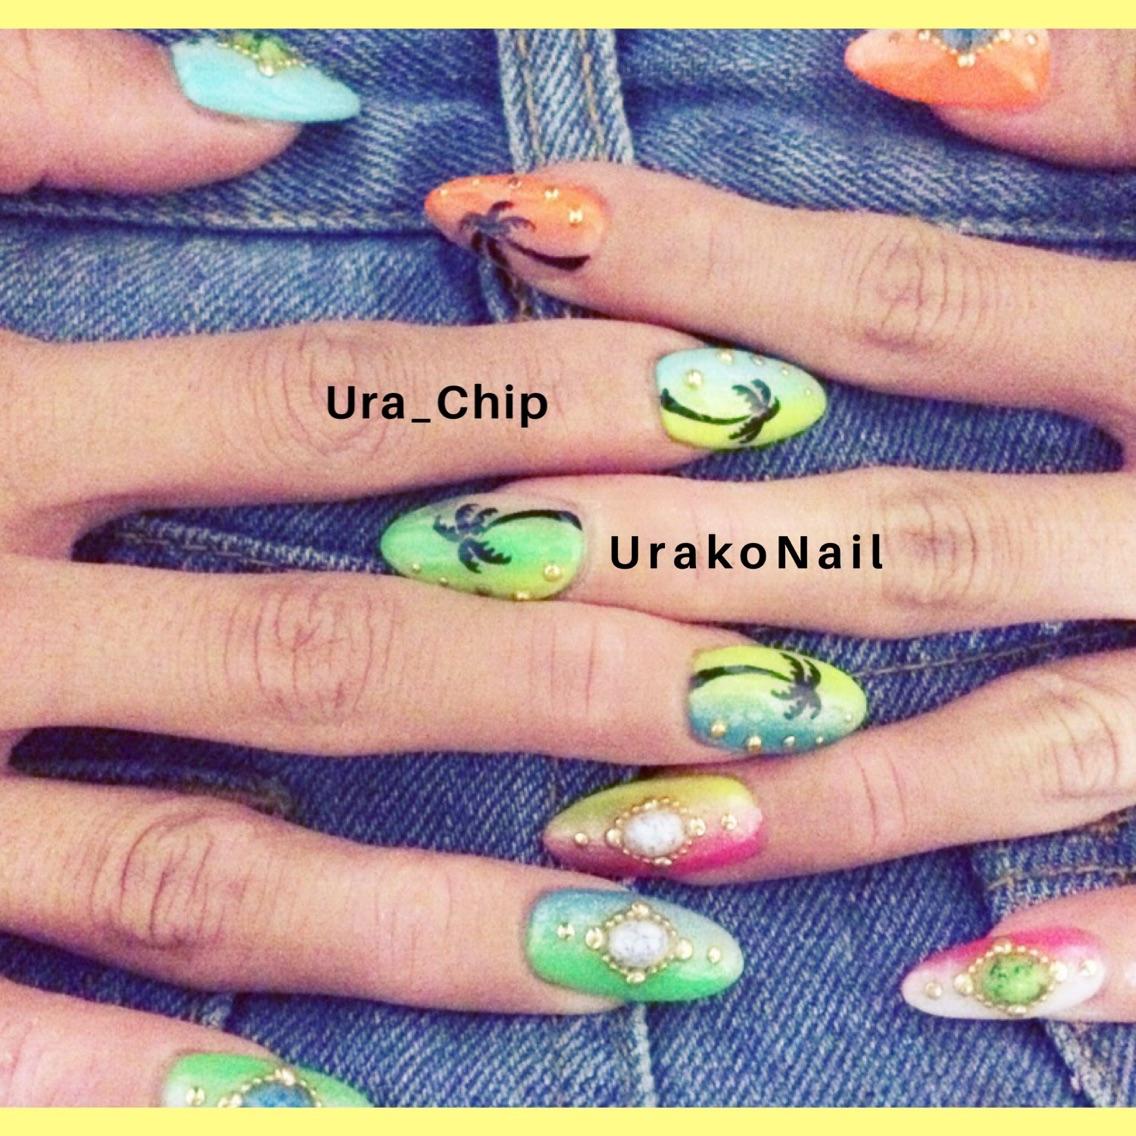 UrakoNail